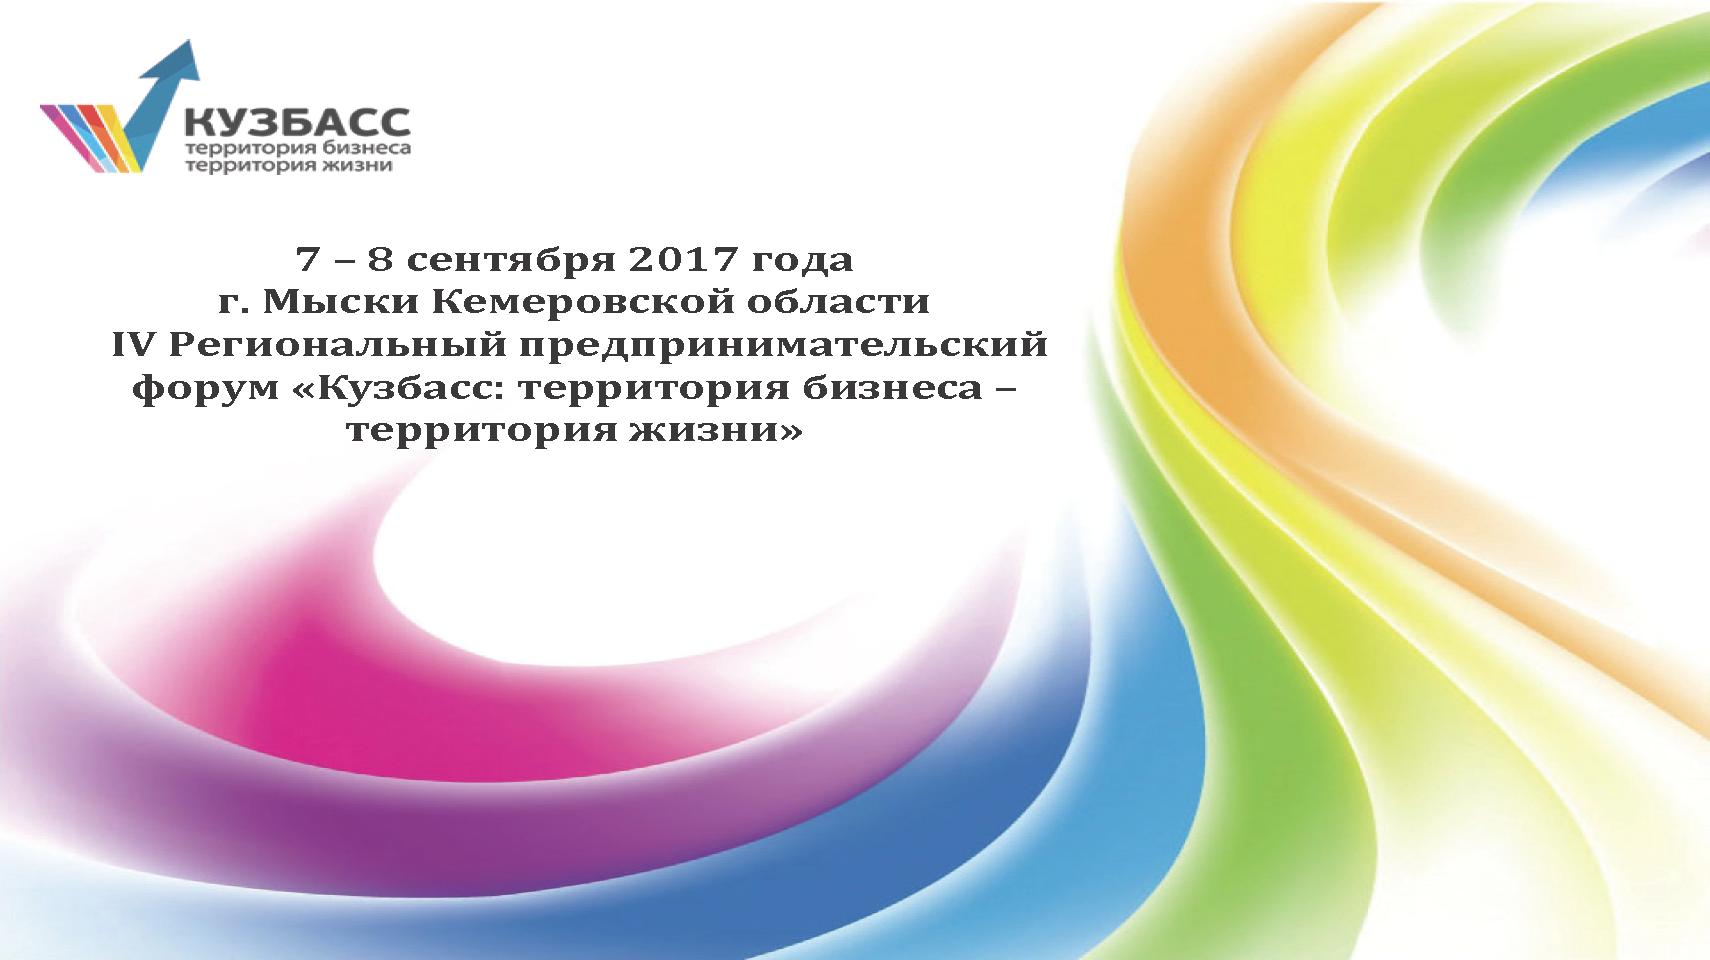 Картинки по запросу Предпринимательский Форум «Кузбасс: Территория бизнеса - территория жизни» 2017